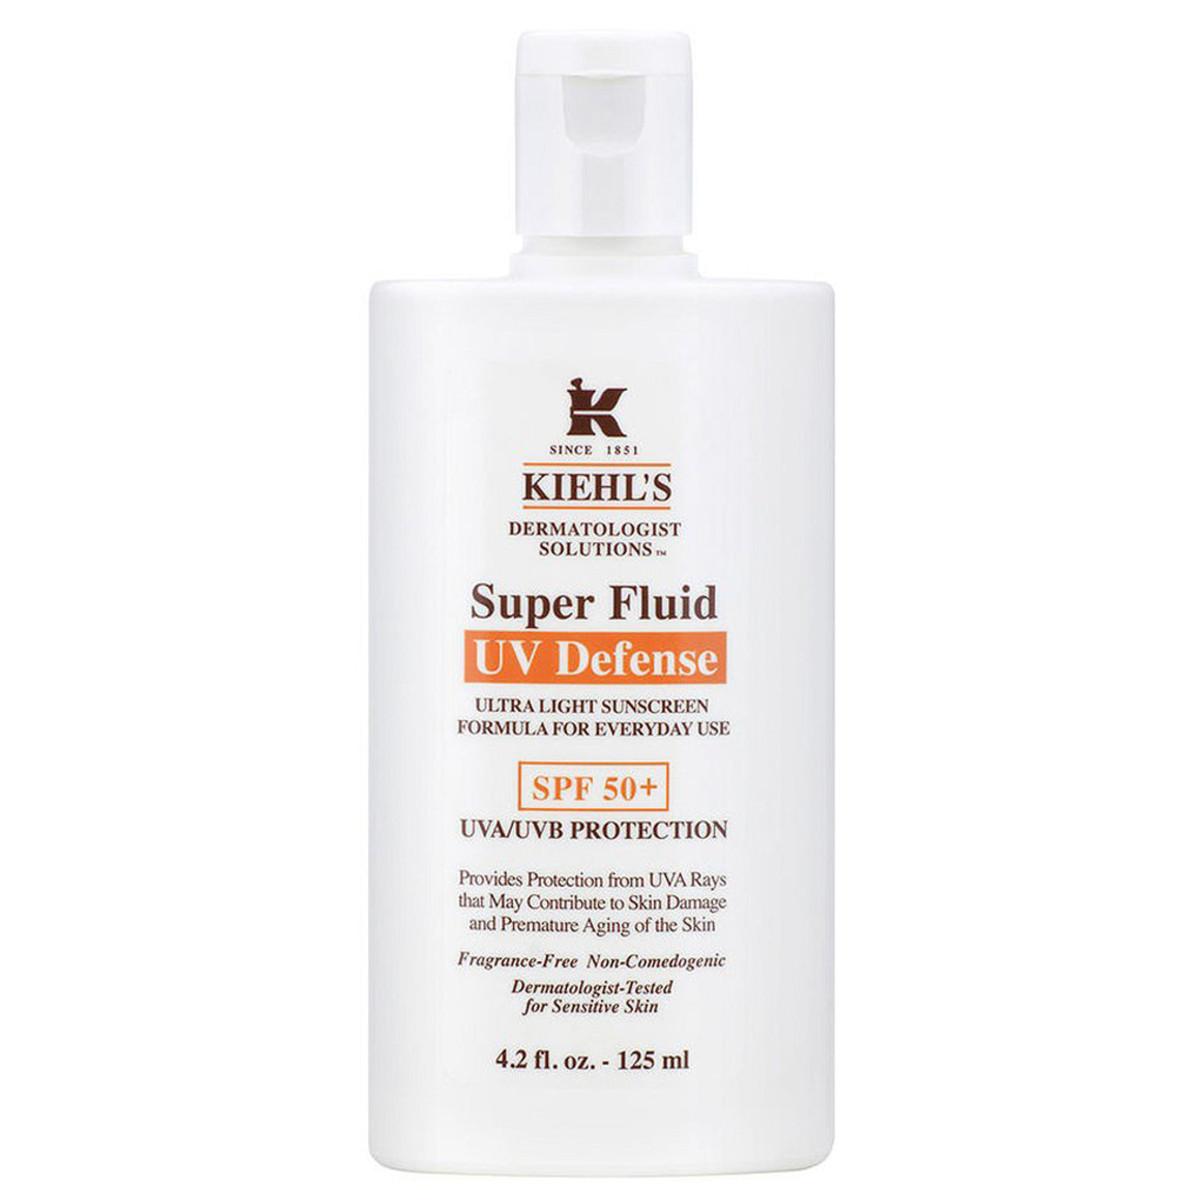 Kiehl's Super Fluid UV Defense SPF 50